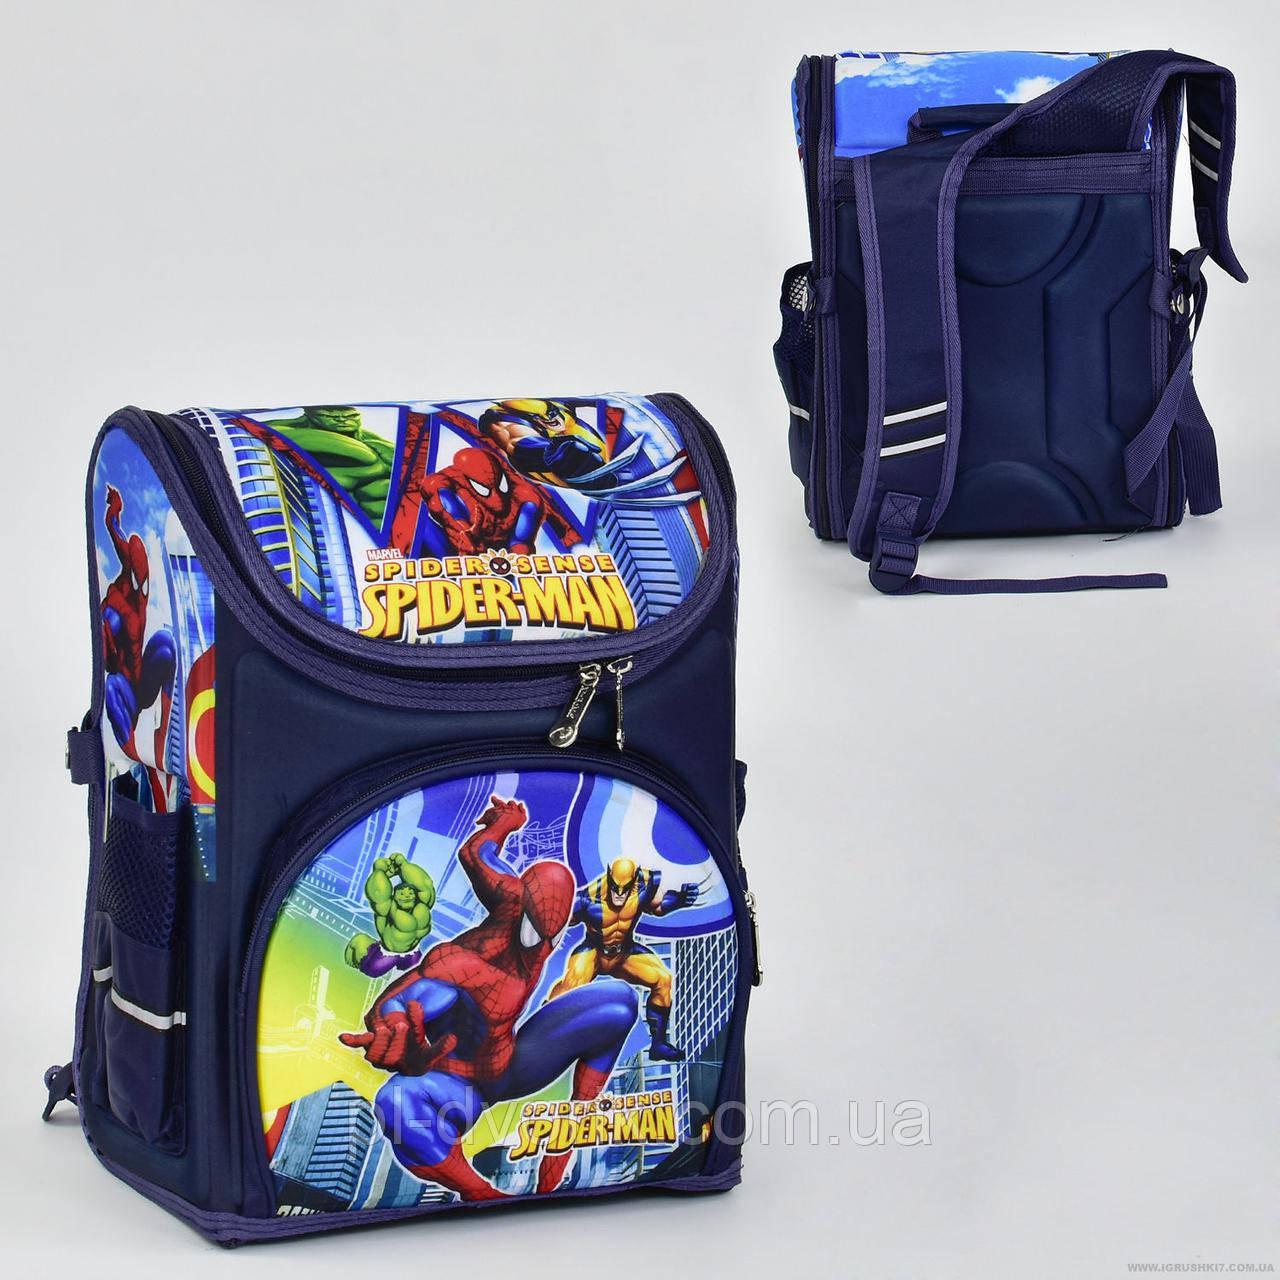 Рюкзак школьный N 00123 (50) 2 кармана, спинка ортопедическая  Рюкзак школьный N 00123 (50) 2 кармана, спинка  - Польский ДВОРИК в Кривом Роге